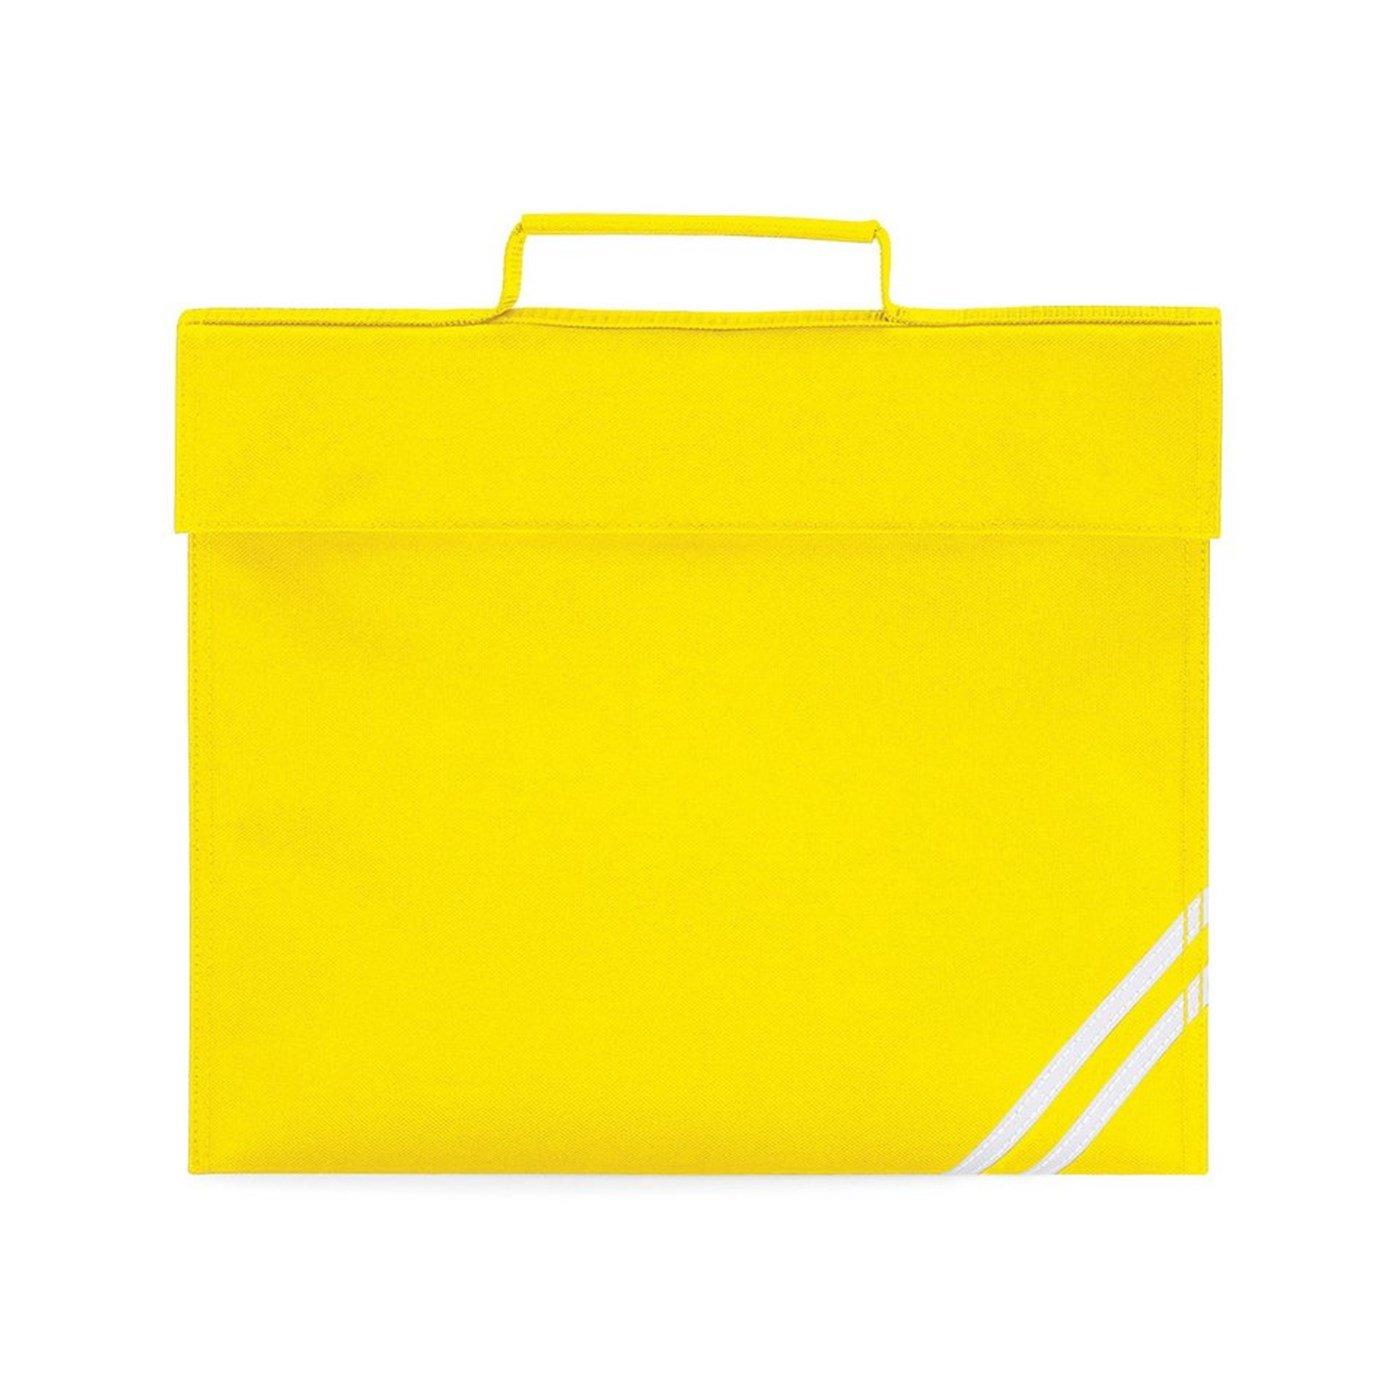 d85d294baf56 Quadra Classic School Book Bag QD456